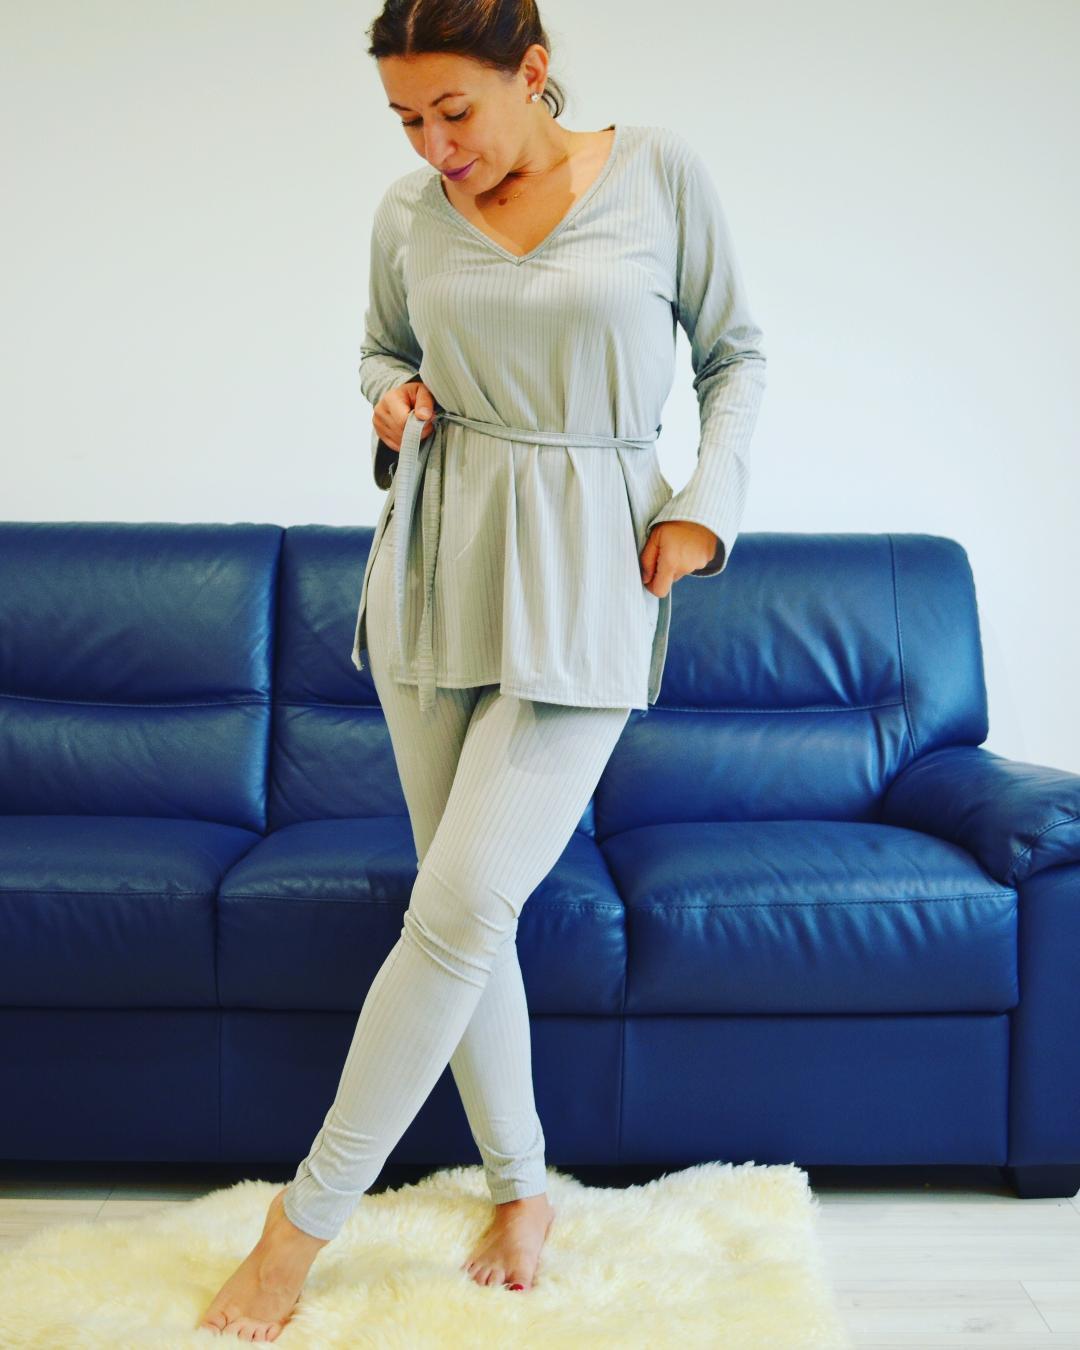 Feminine Femme Luxe Loungewear